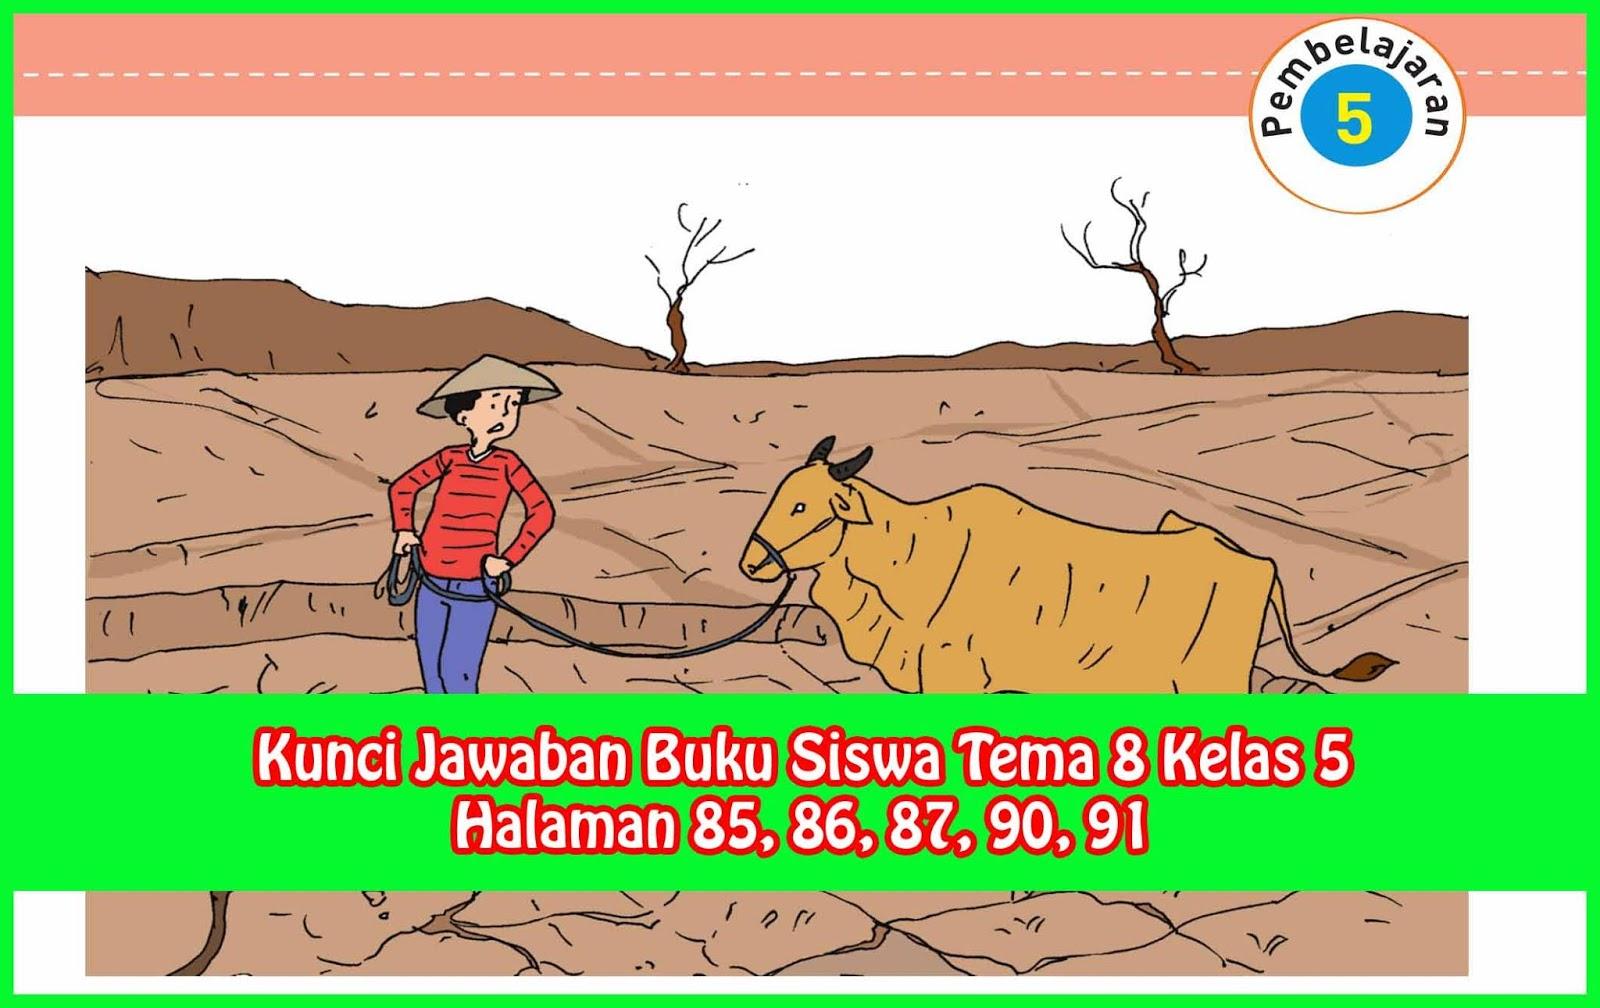 Kunci Jawaban Buku Bahasa Sunda Kelas 5 Kurikulum 2013 Dunia Sekolah